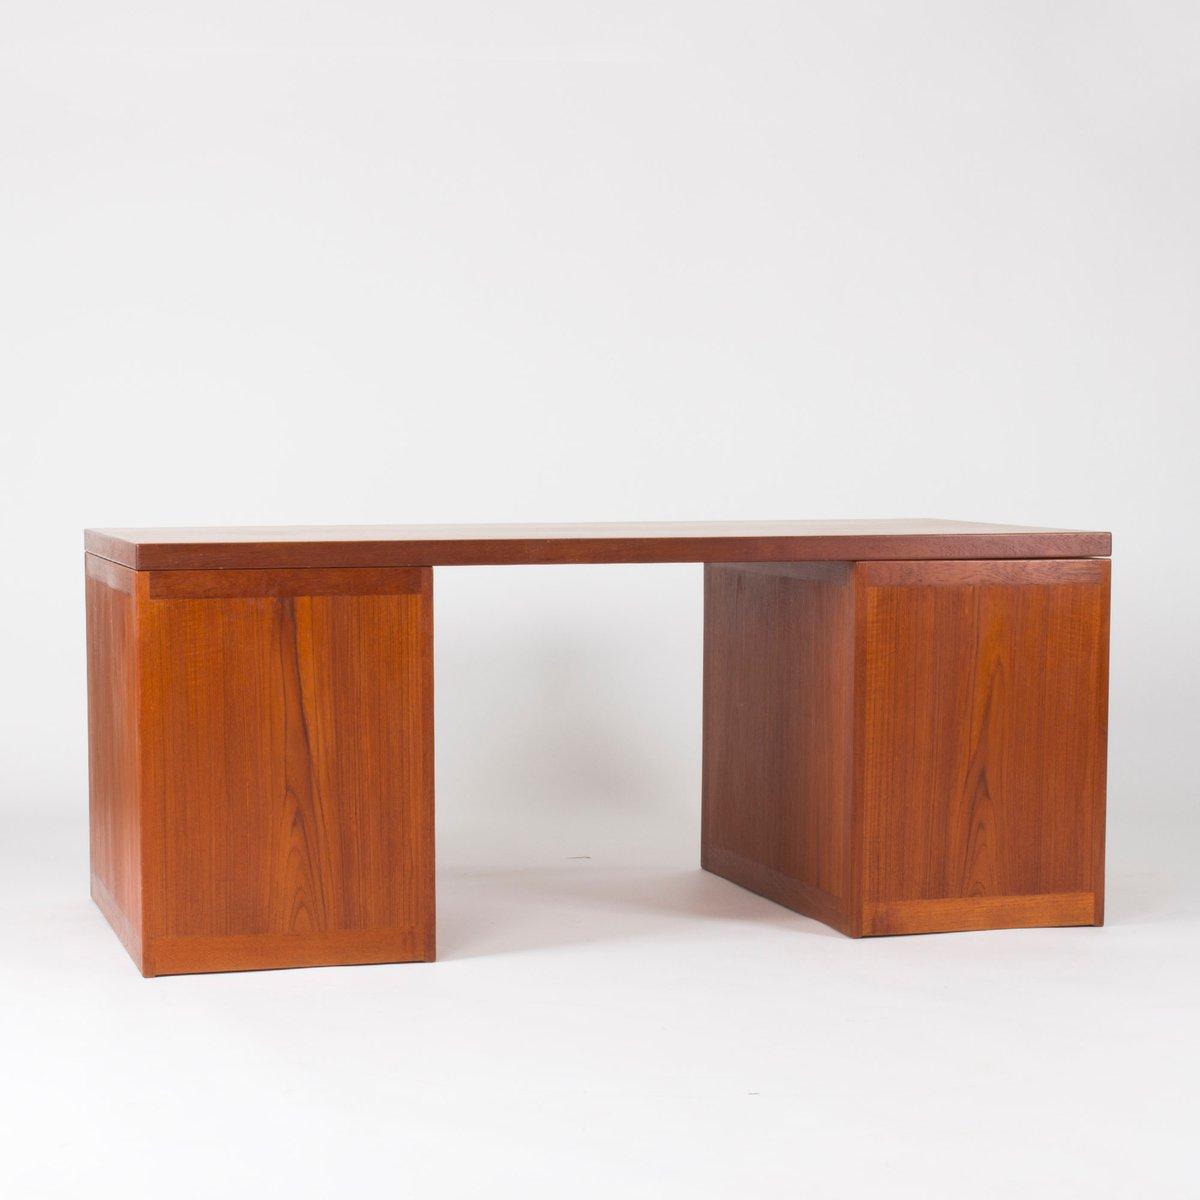 Teak schreibtisch von b rge mogensen f r p lauritsen for Schreibtisch 3 meter lang